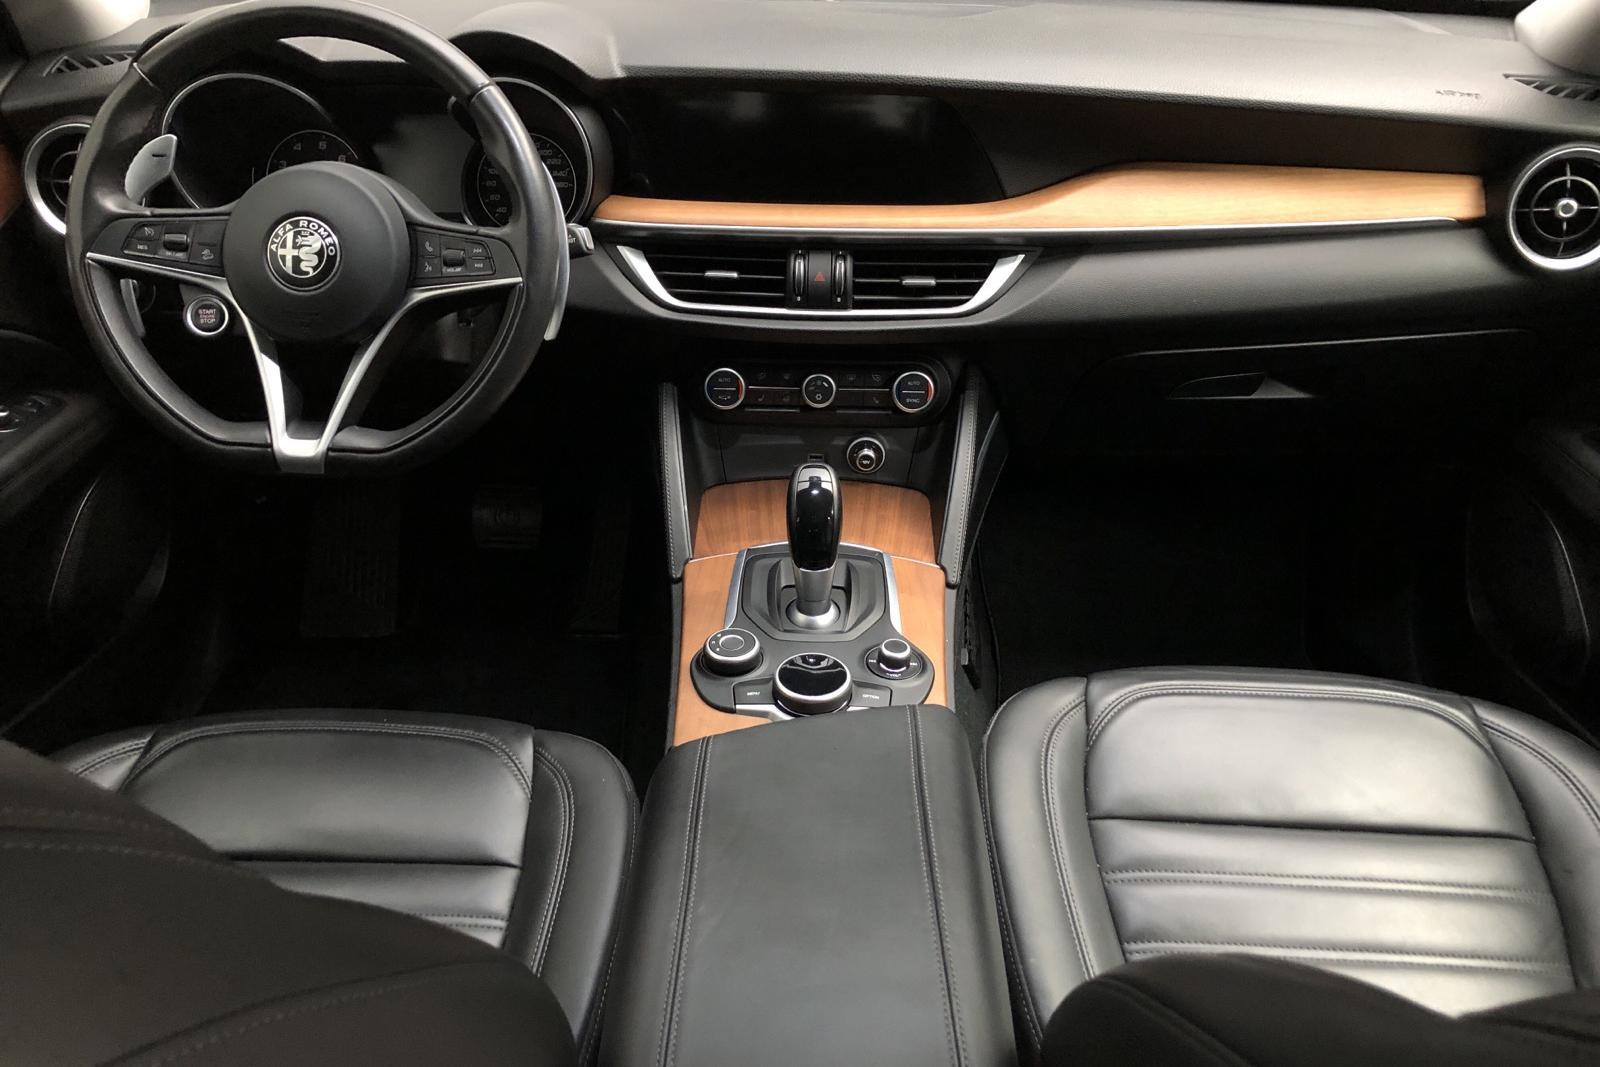 Alfa Romeo Stelvio 2.0 AWD (280hk) - 7 886 mil - Automat - grå - 2017